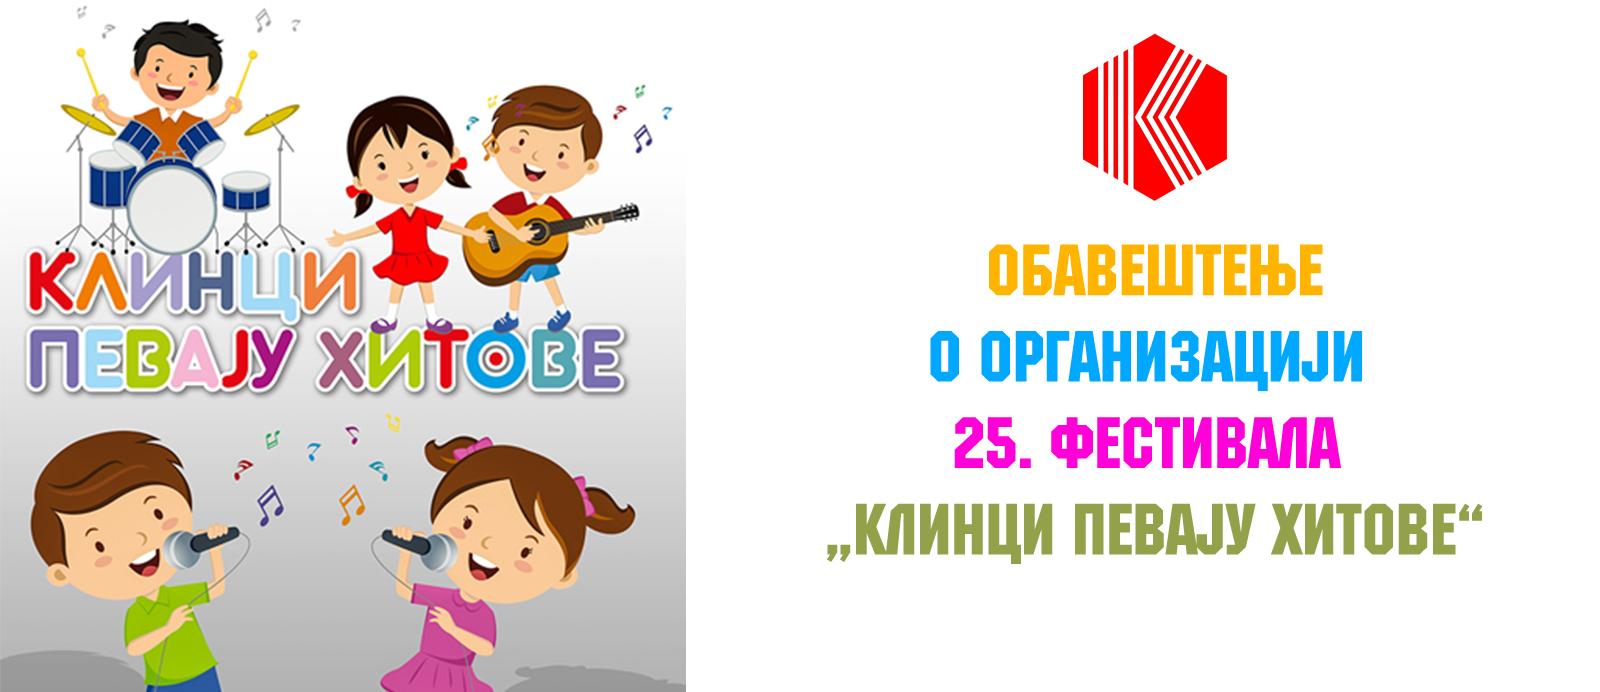 """Обавештење о организацији 25. фестивала """"Клинци певају хитове"""""""